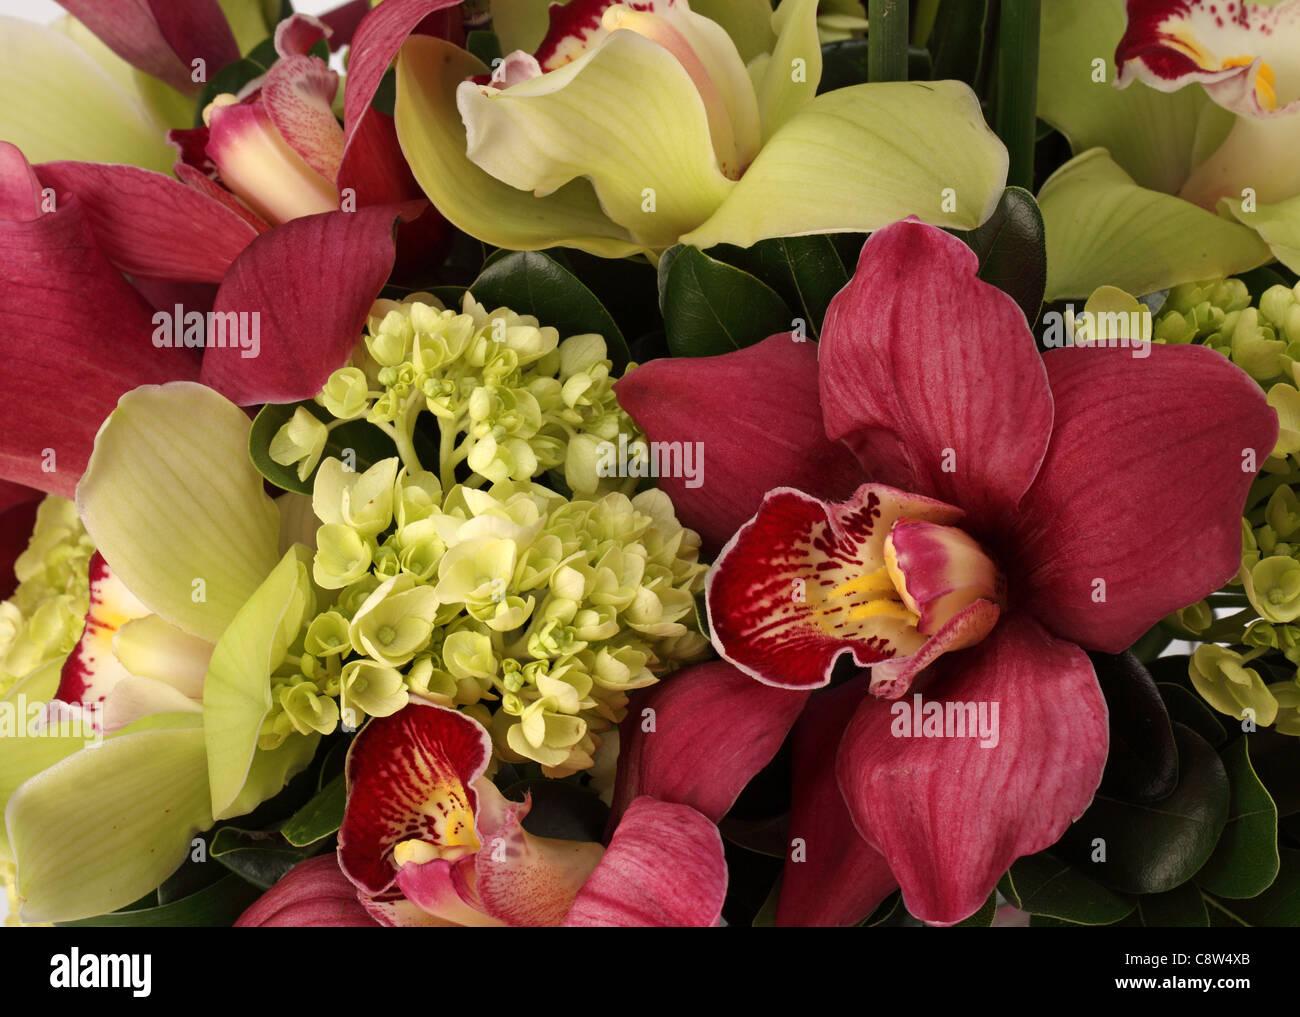 Un close-up di un colorato bouquet di fiori. Calla rosa gigli, il verde e il rosso orchidee cymbidium Immagini Stock